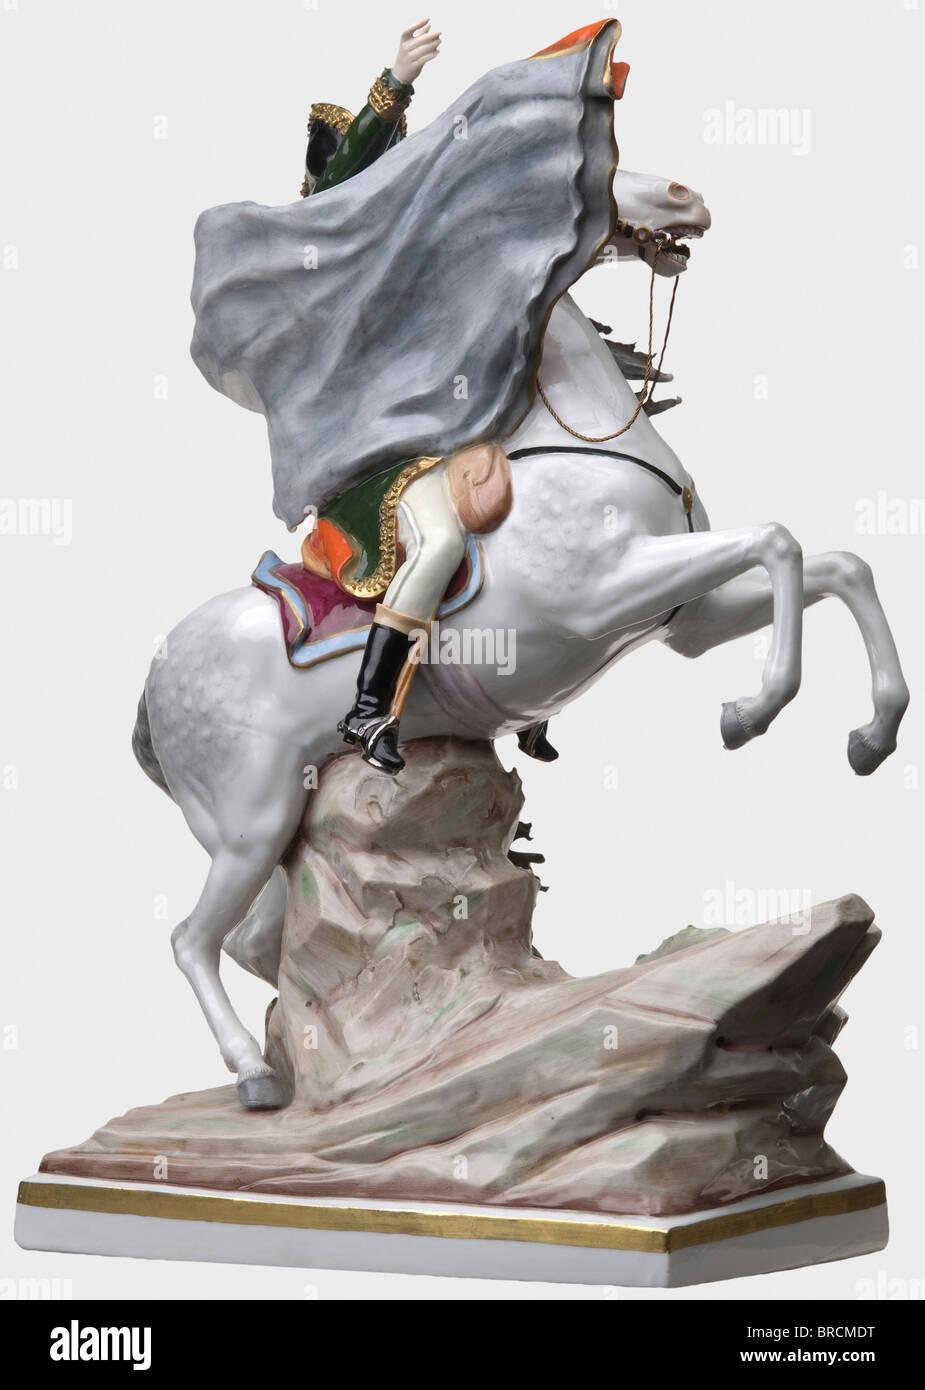 d04518c7fa L imperatore Napoleone I (1769 - 1821) - una porcellana colorata figura.